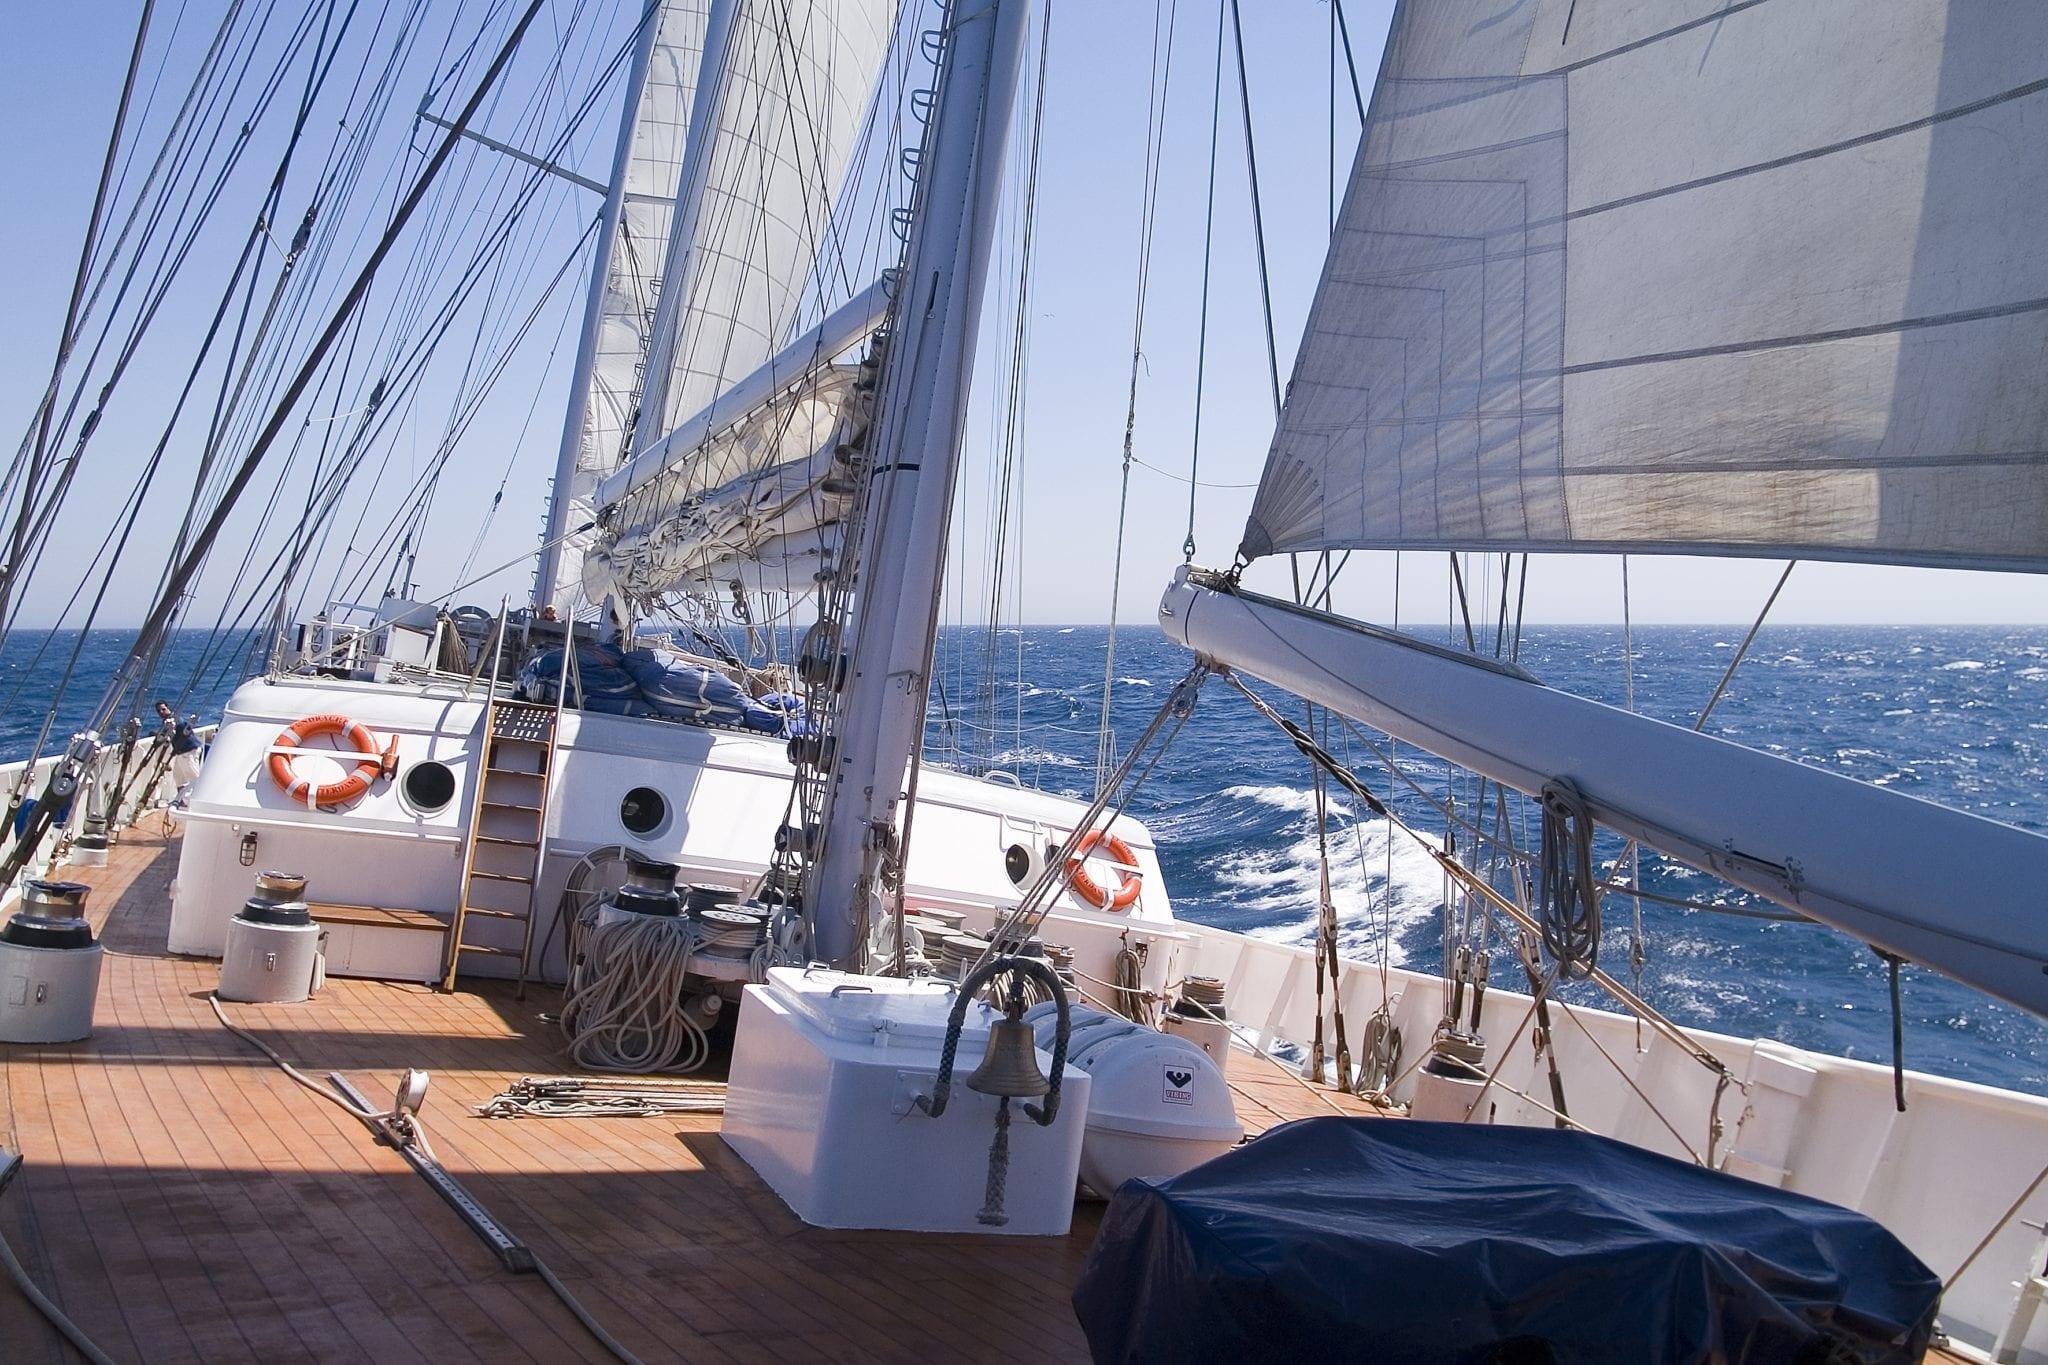 'Samen op koers' met Zeilschip Eendracht